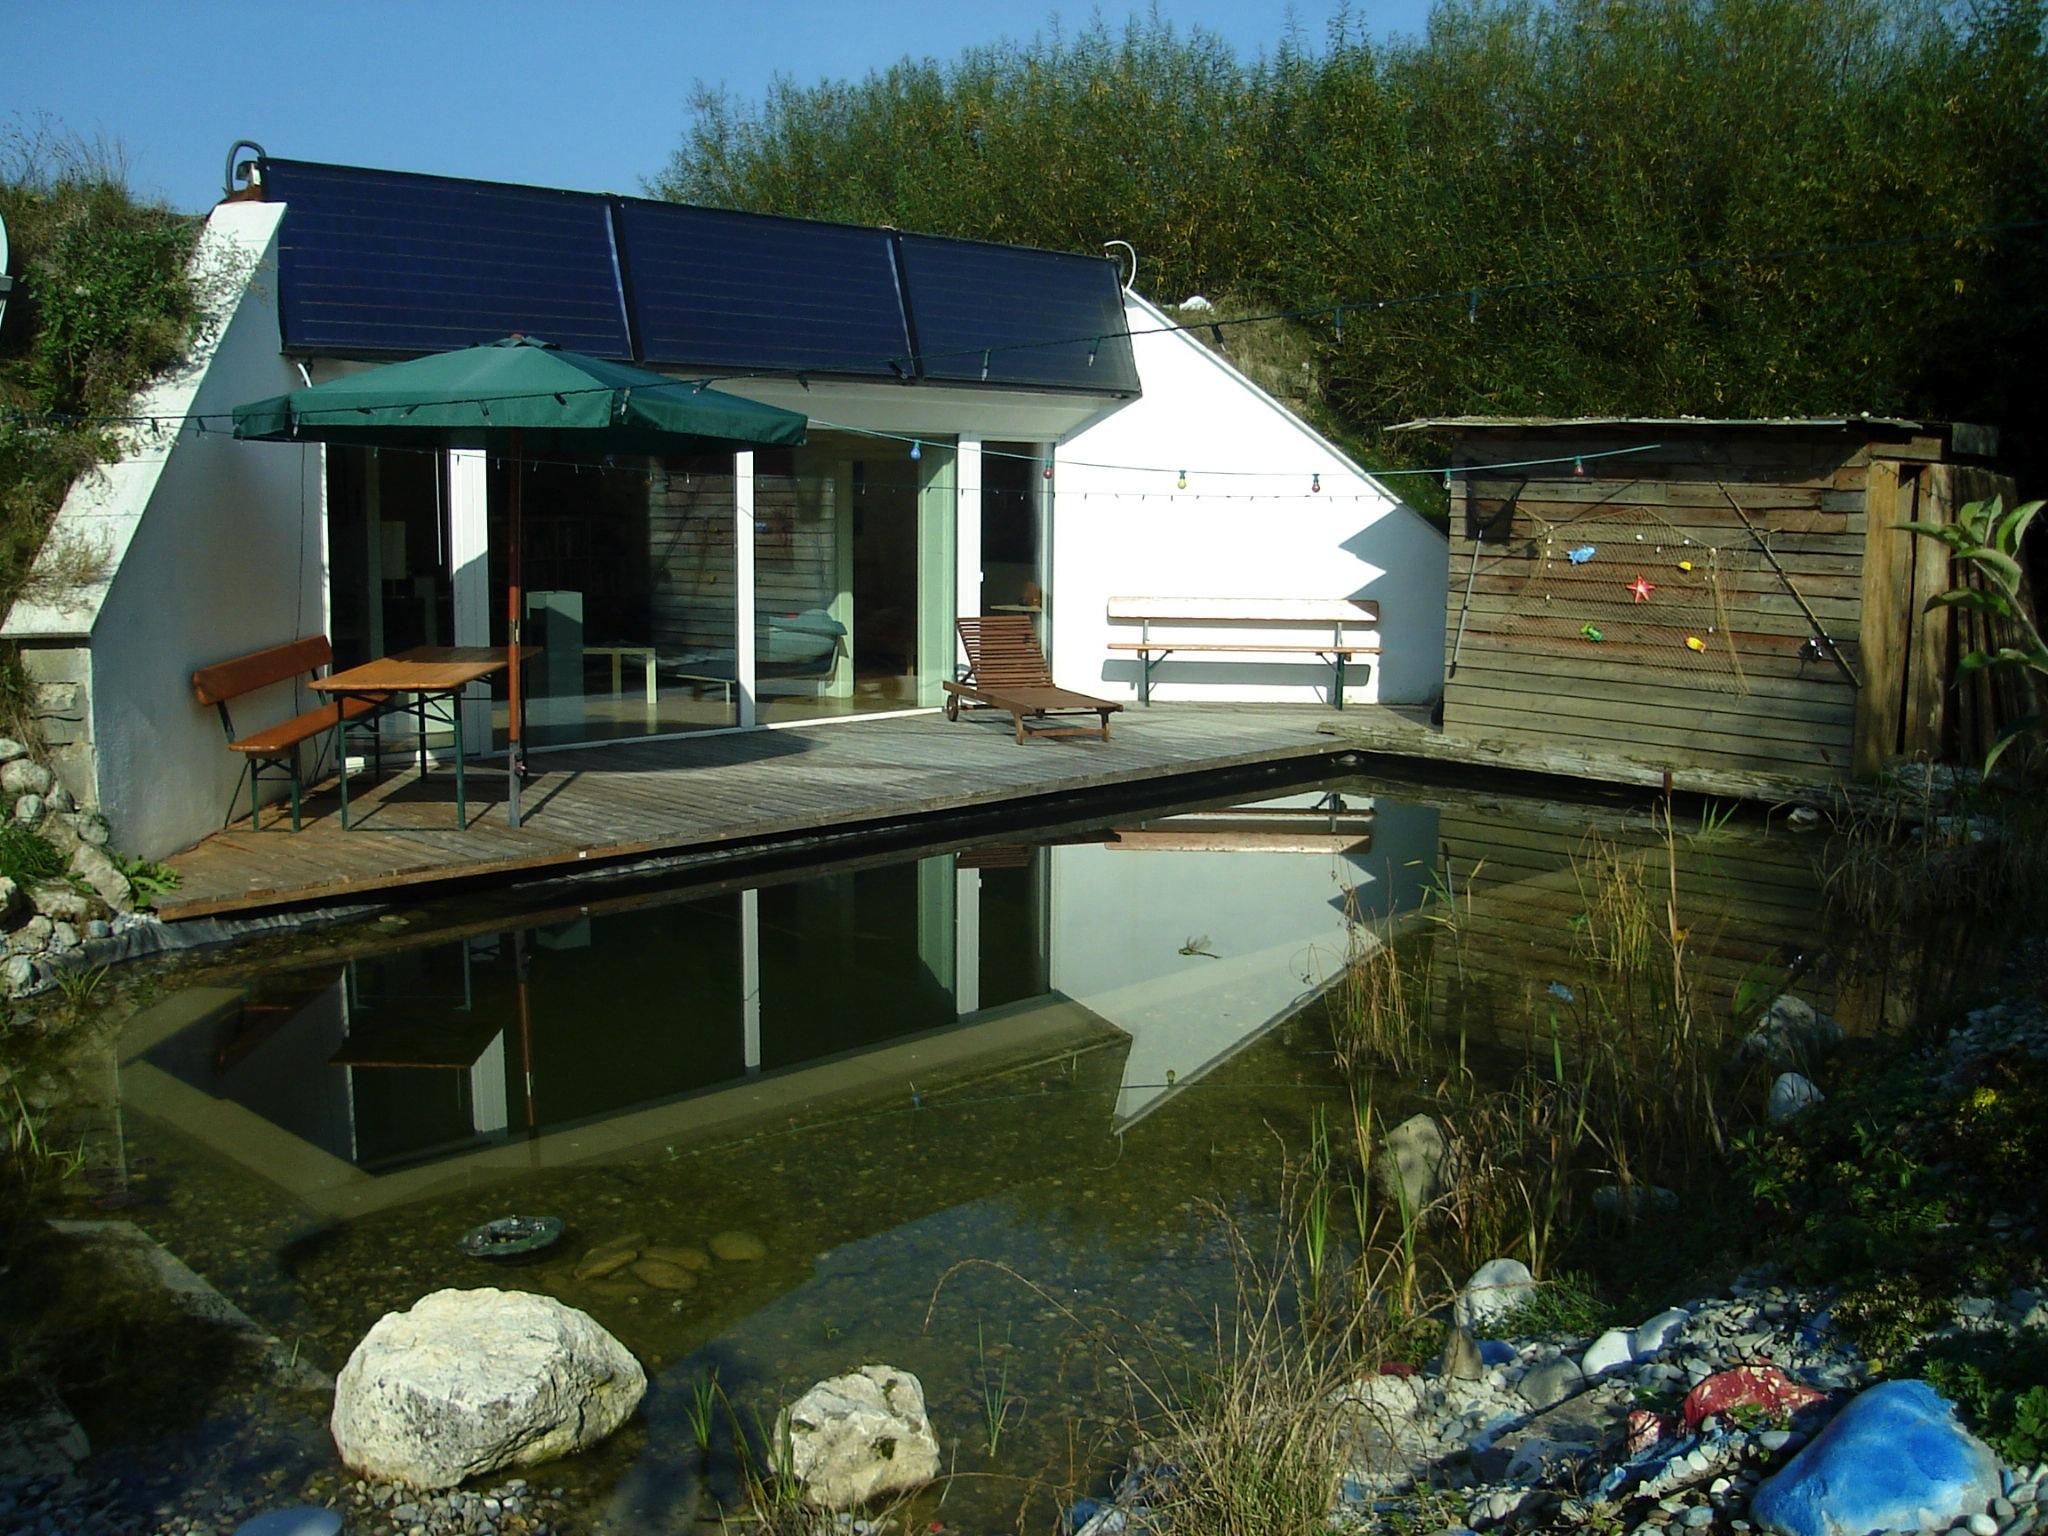 schweizer kommt mit 37000 liter solarer thermoskanne durch den ganzen winter passivhaus. Black Bedroom Furniture Sets. Home Design Ideas